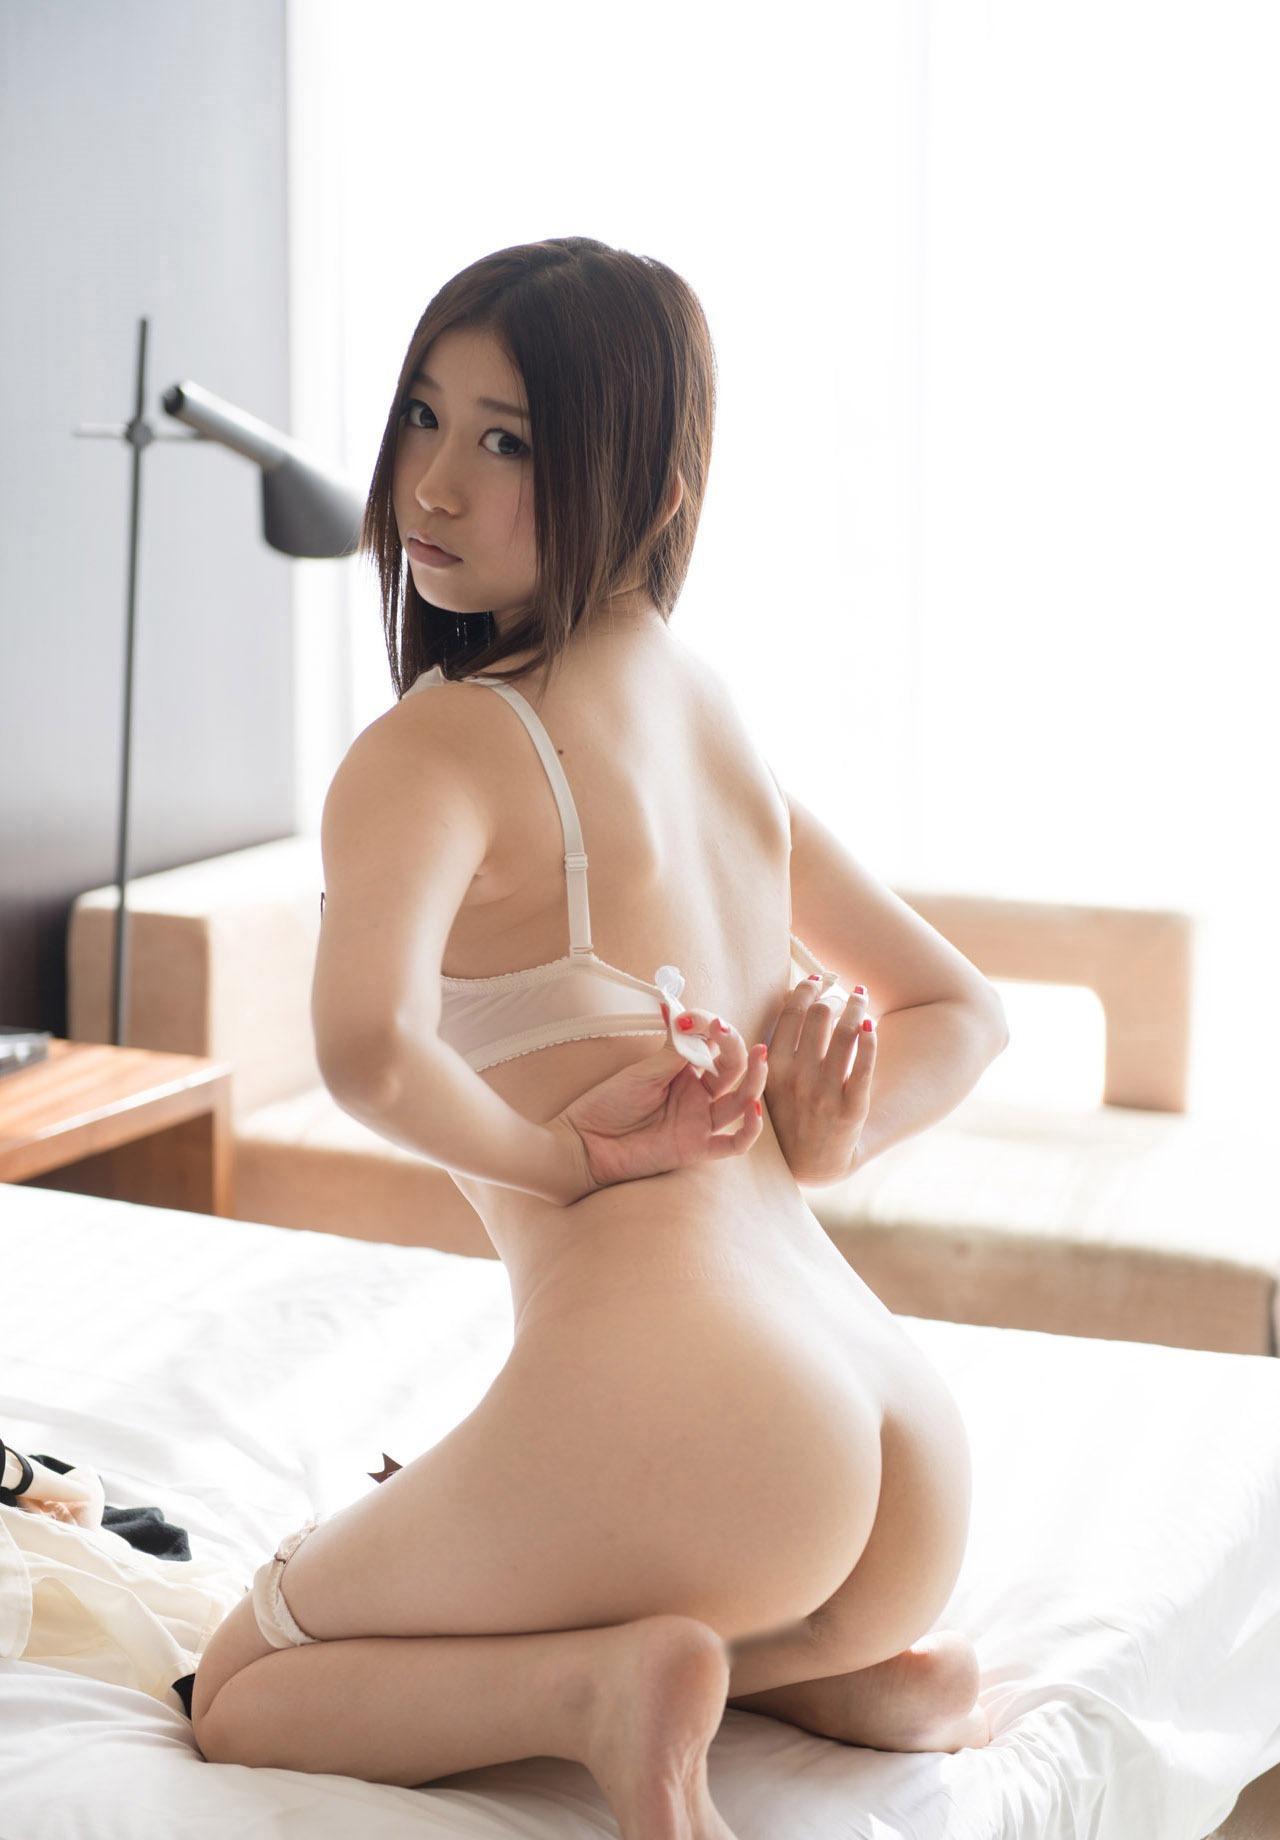 稲川なつめ 画像 28